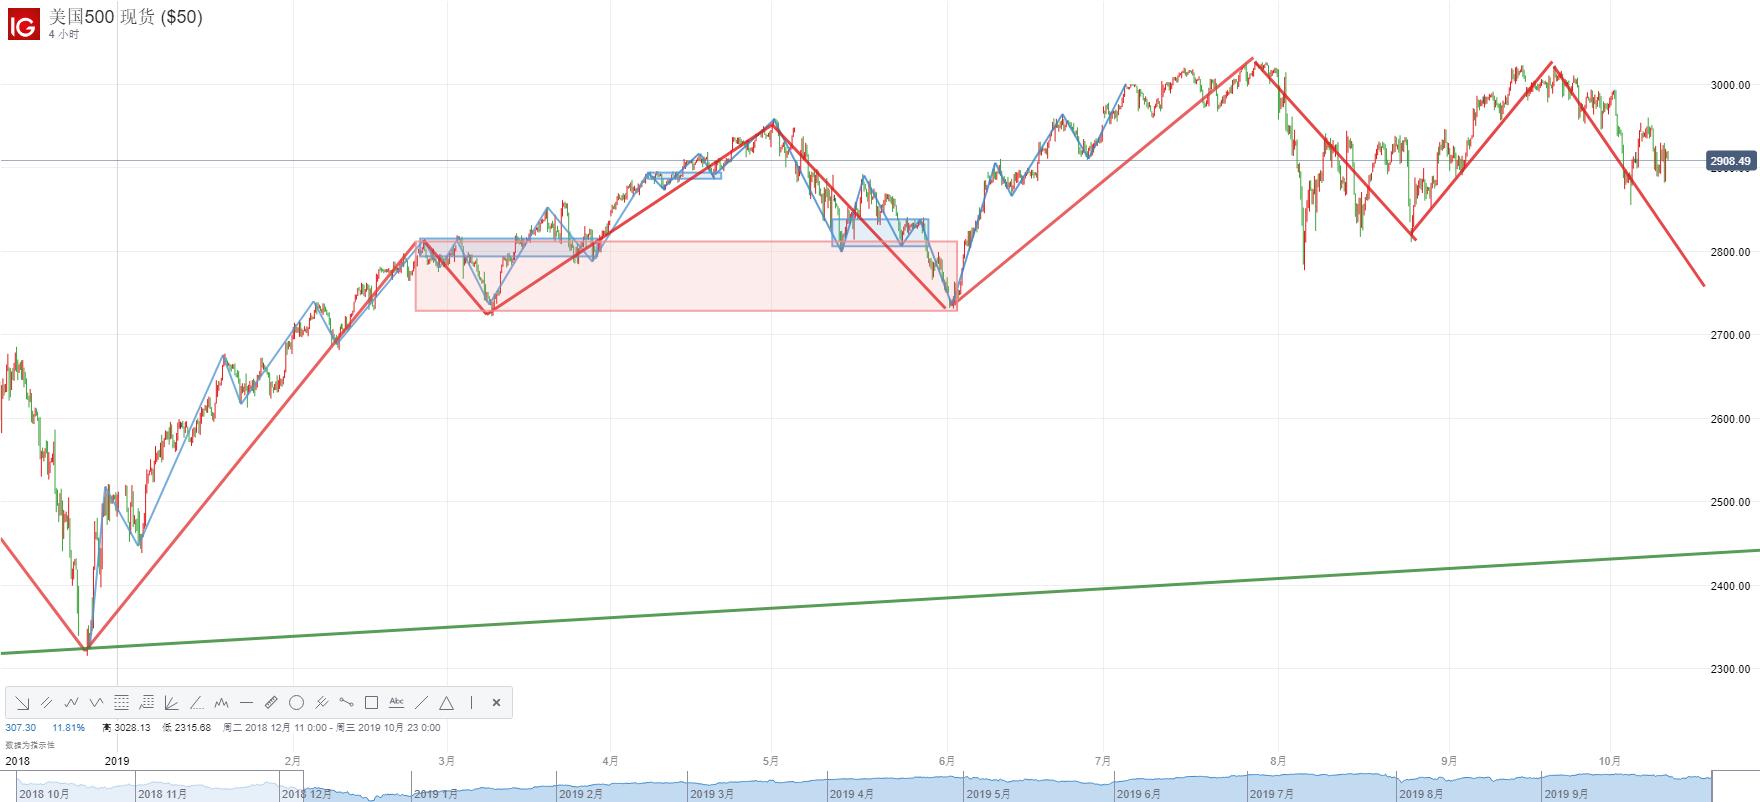 標普500指數走勢分析:面臨進一步下行風險,失守2860一線或加速下跌!